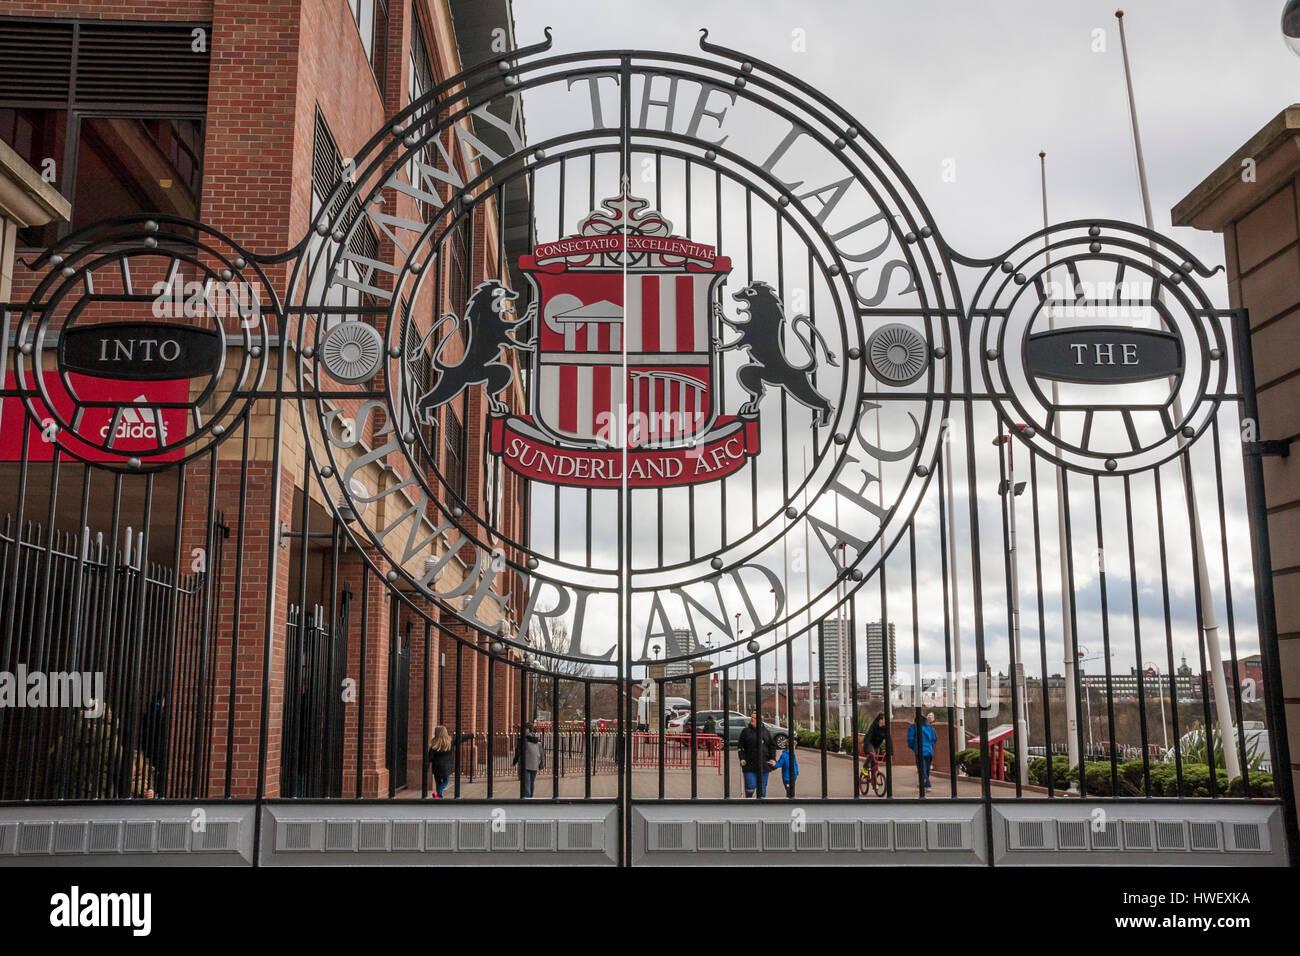 The club gates outside the Stadium of Light, Sunderland, England - Stock Image